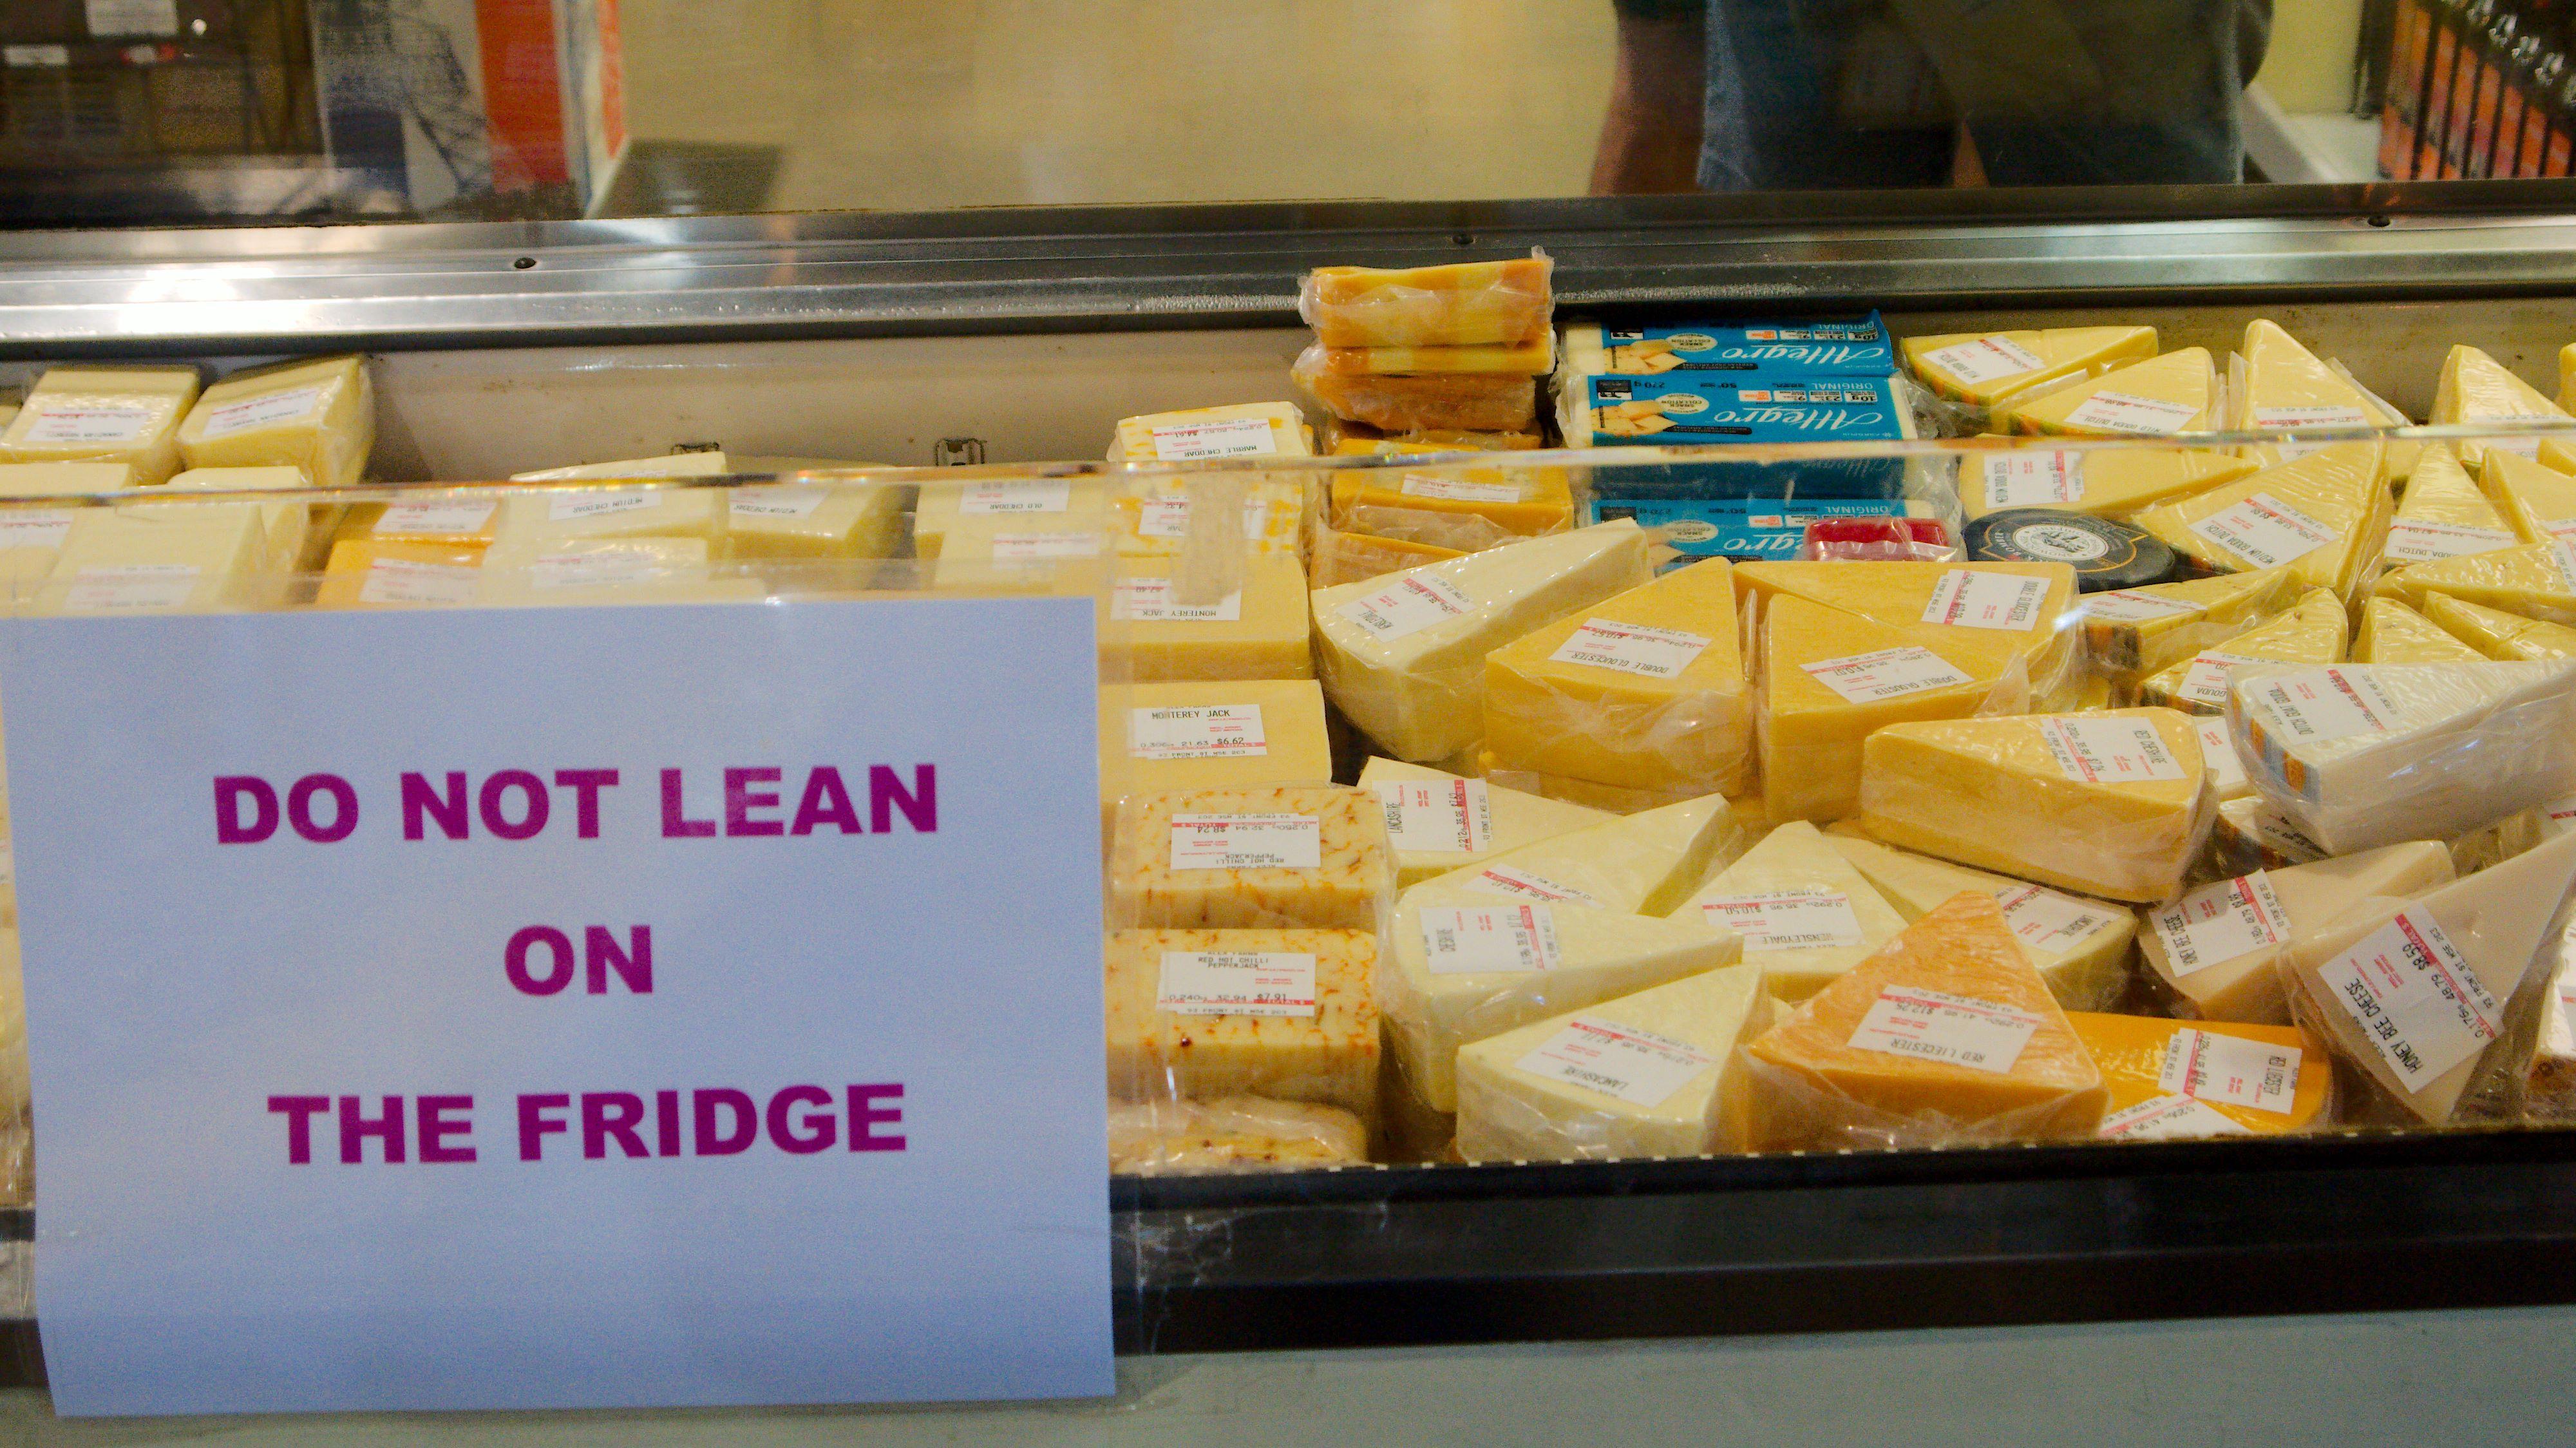 Do Not Lean On The Fridge